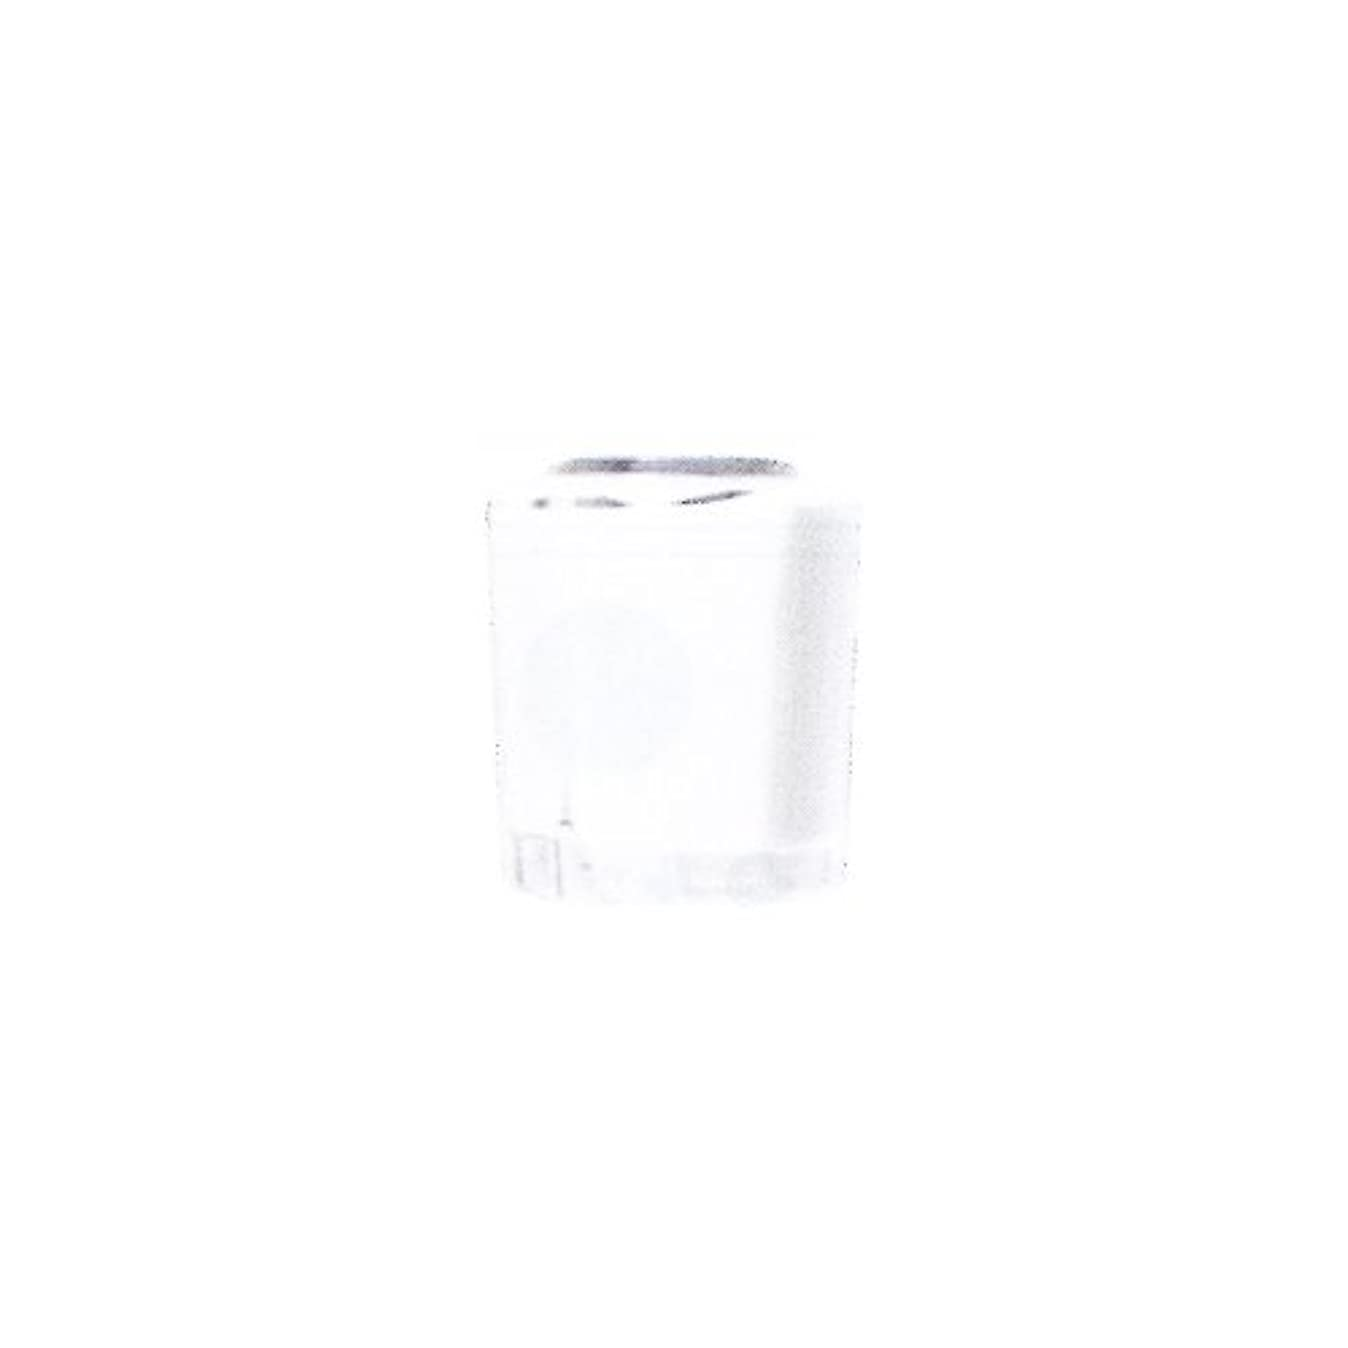 制限するアンティークやりがいのあるSHAREYDVA カラー15ml No.02 マットホワイト